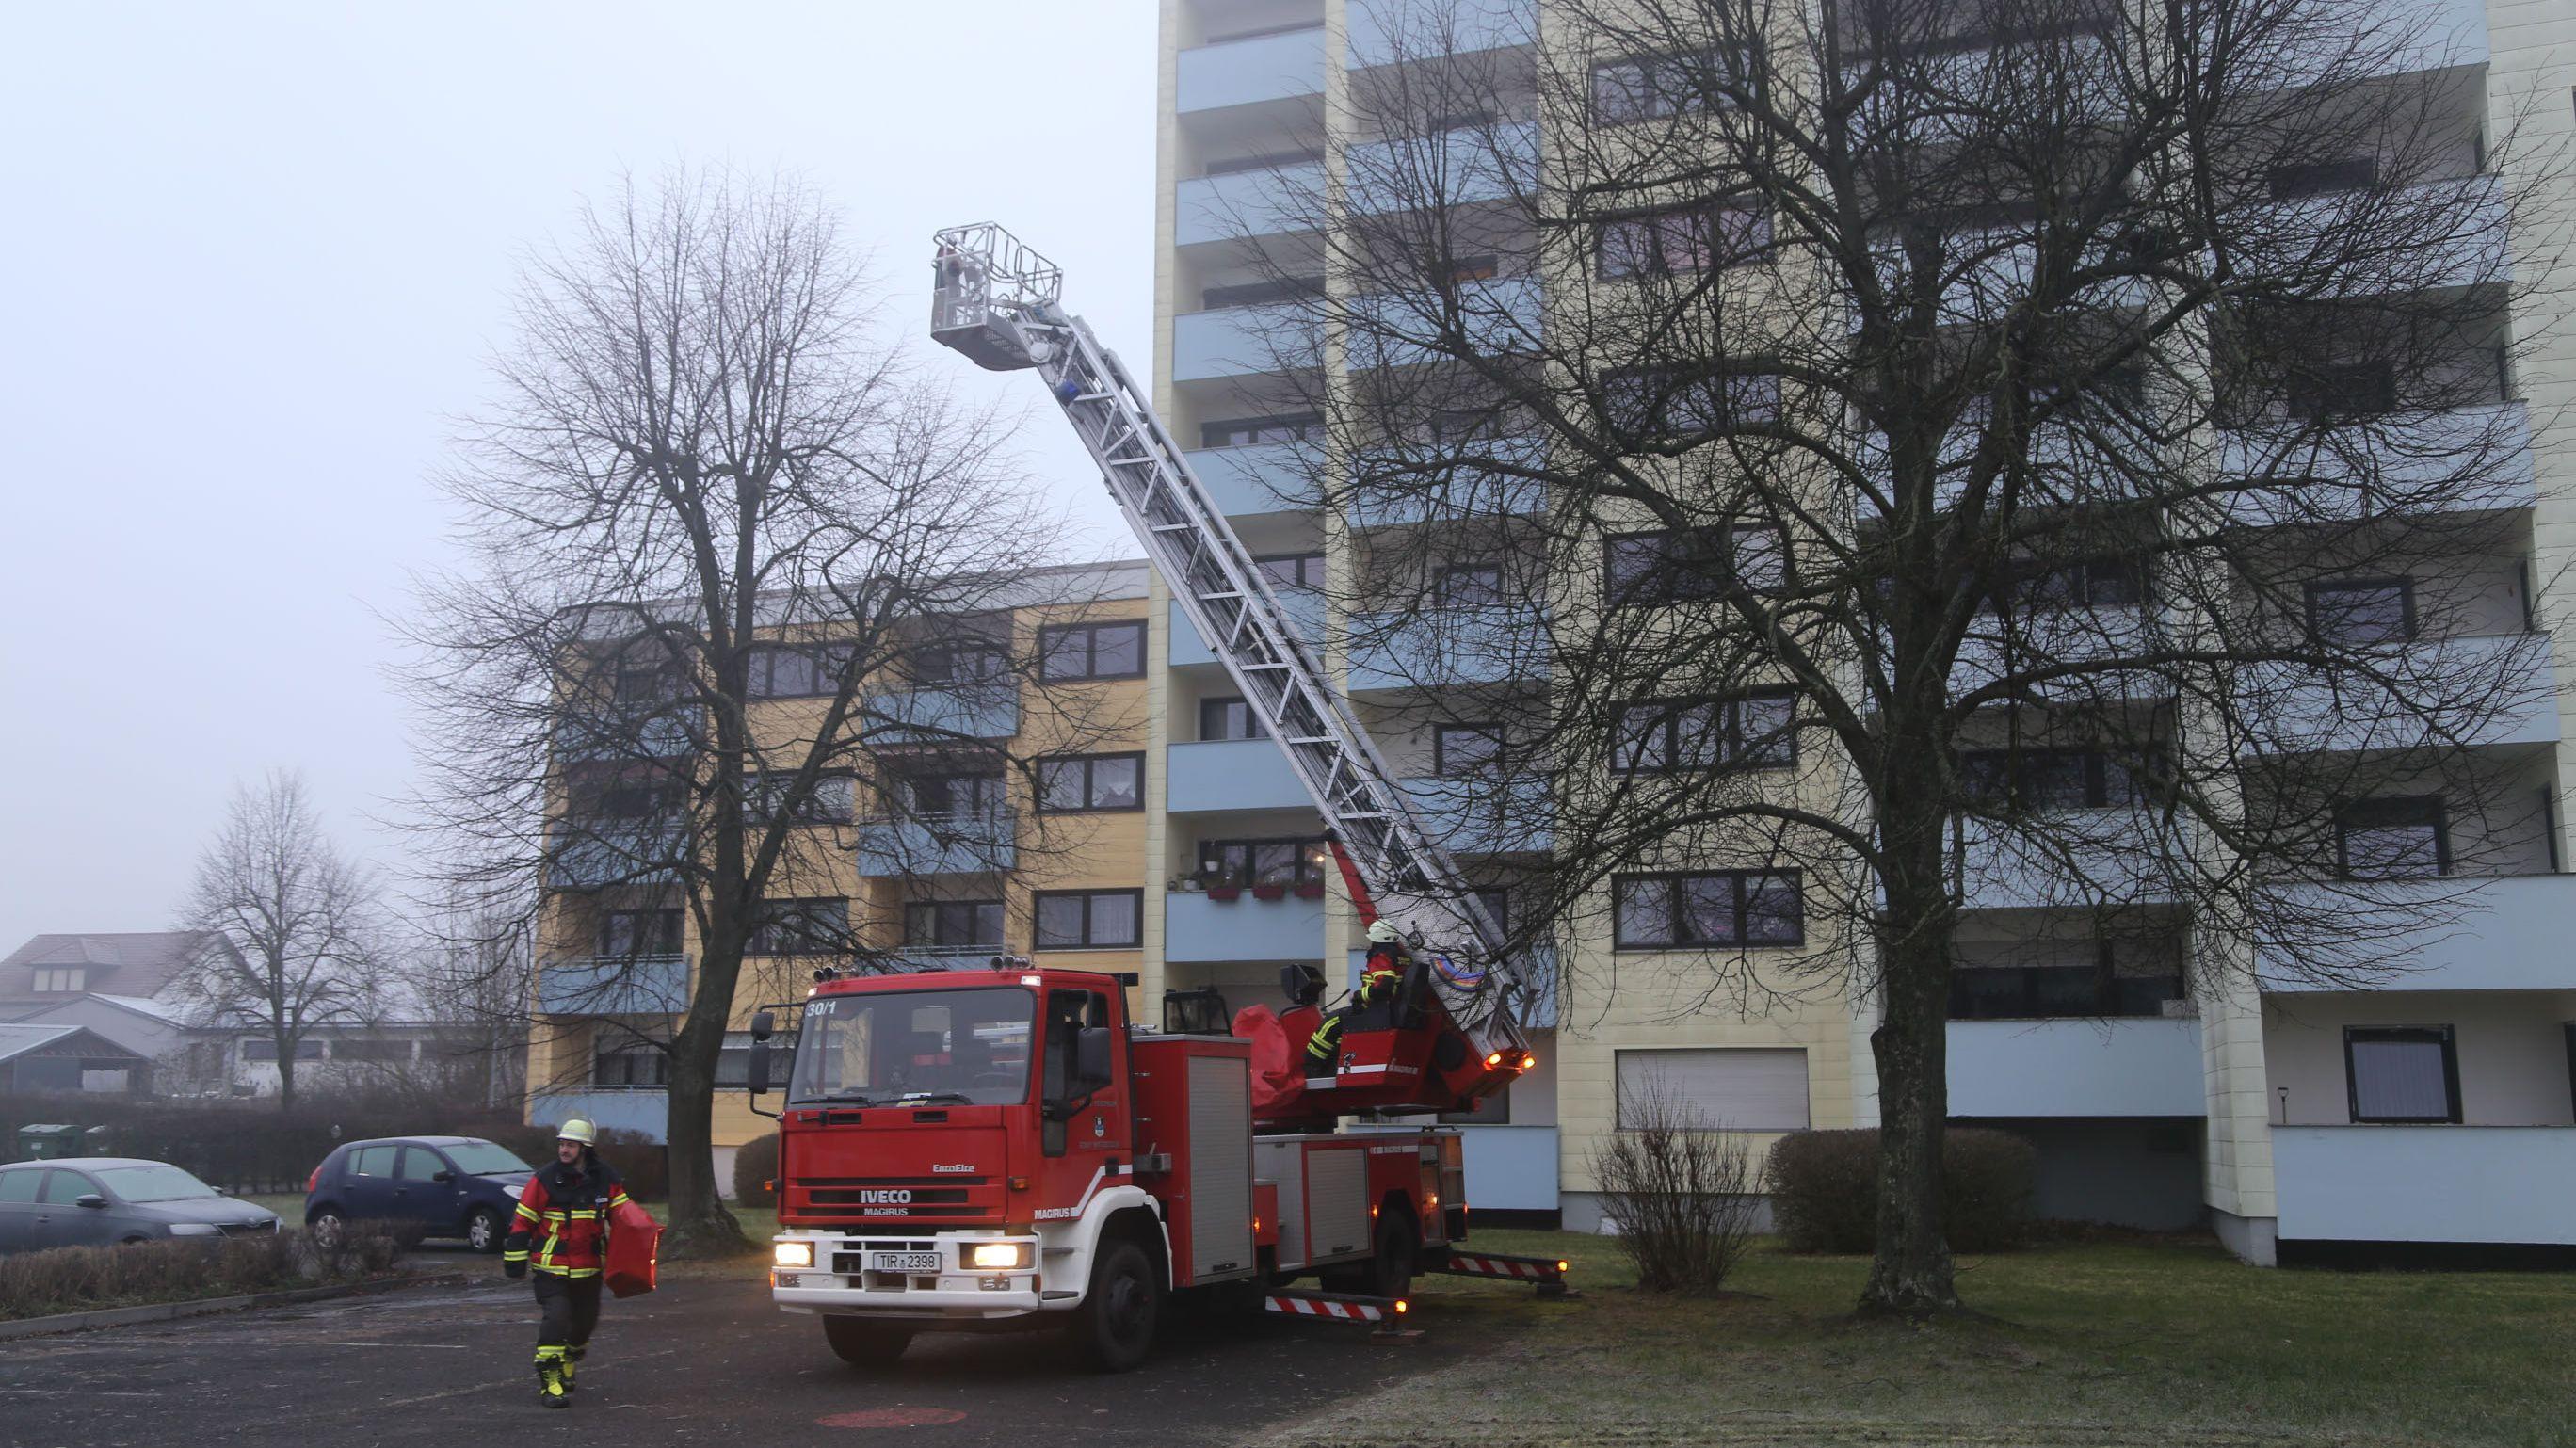 Die Feuerwehr war mit einer Drehleiter am Einsatzort.